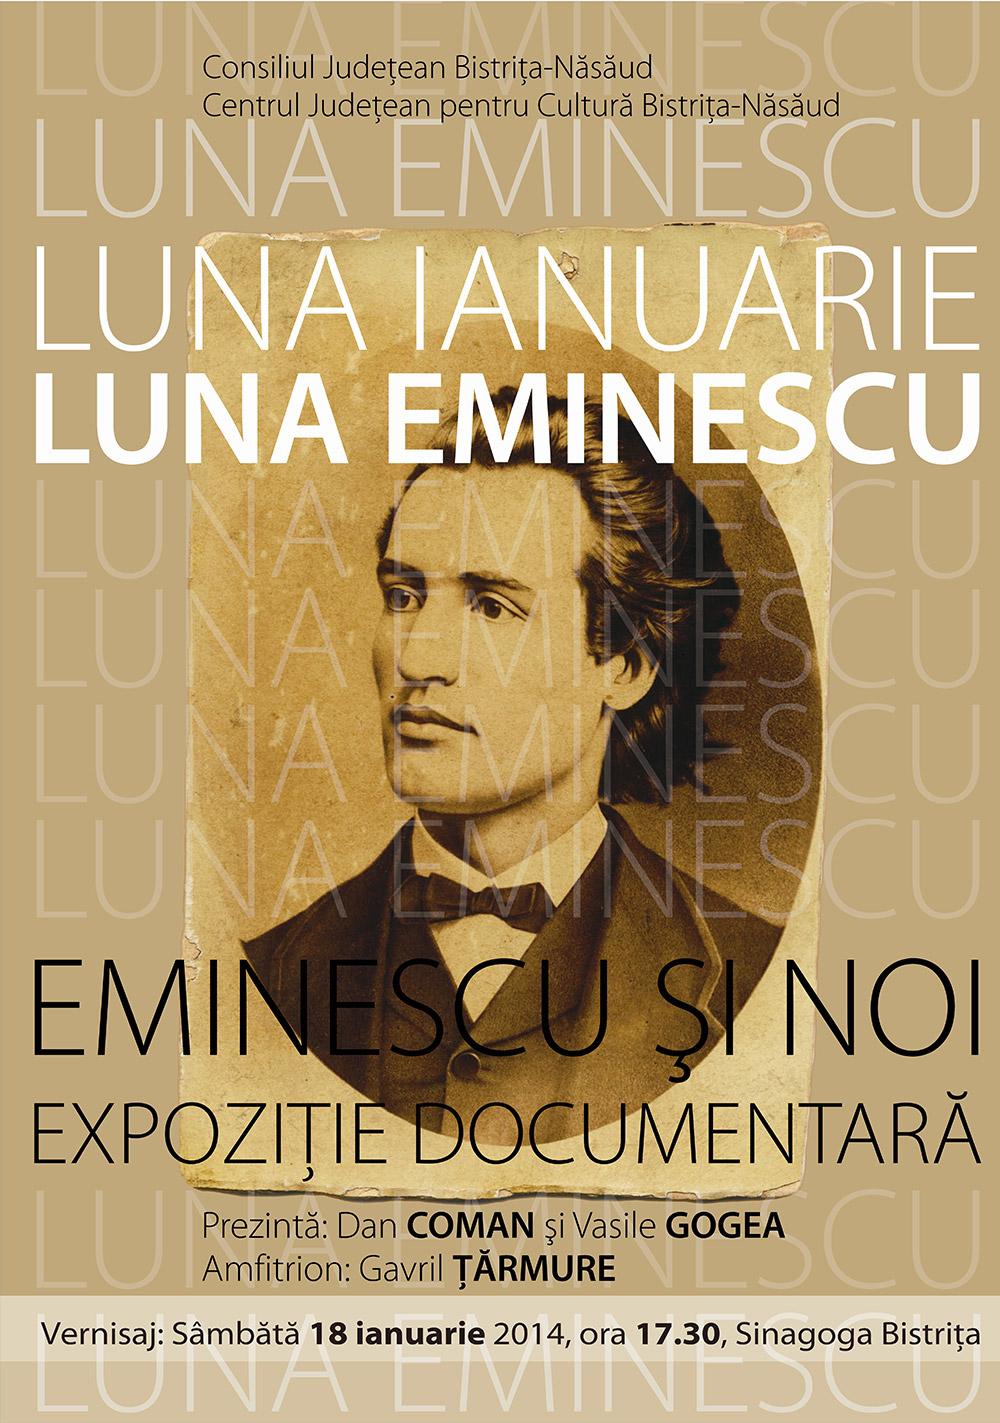 Poster Expoziție documentară Eminescu și noi